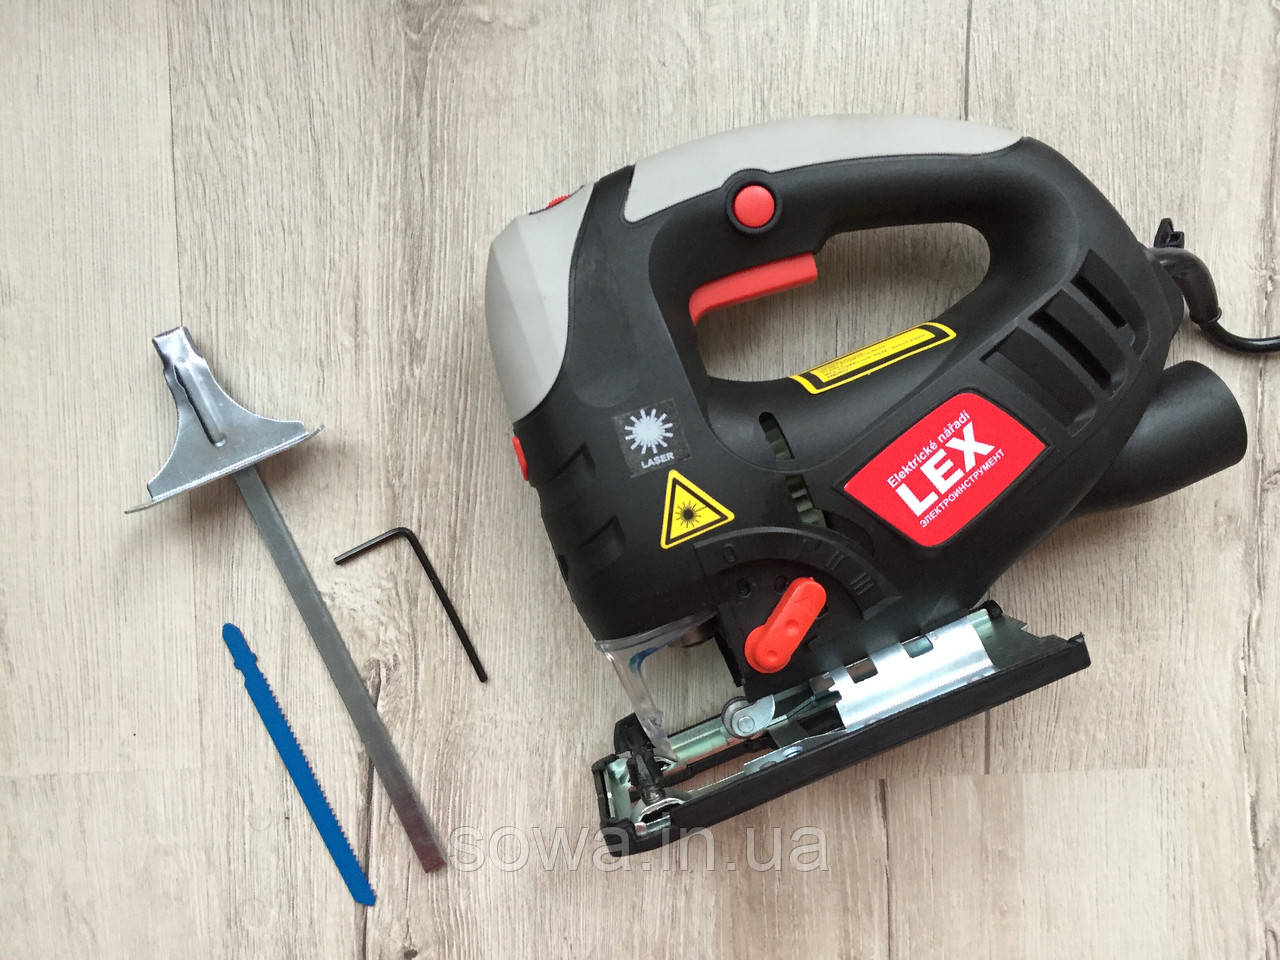 ✔️ Лобзик с лазером LEX JS 233 | 1200 Вт |  + пилки в подарок